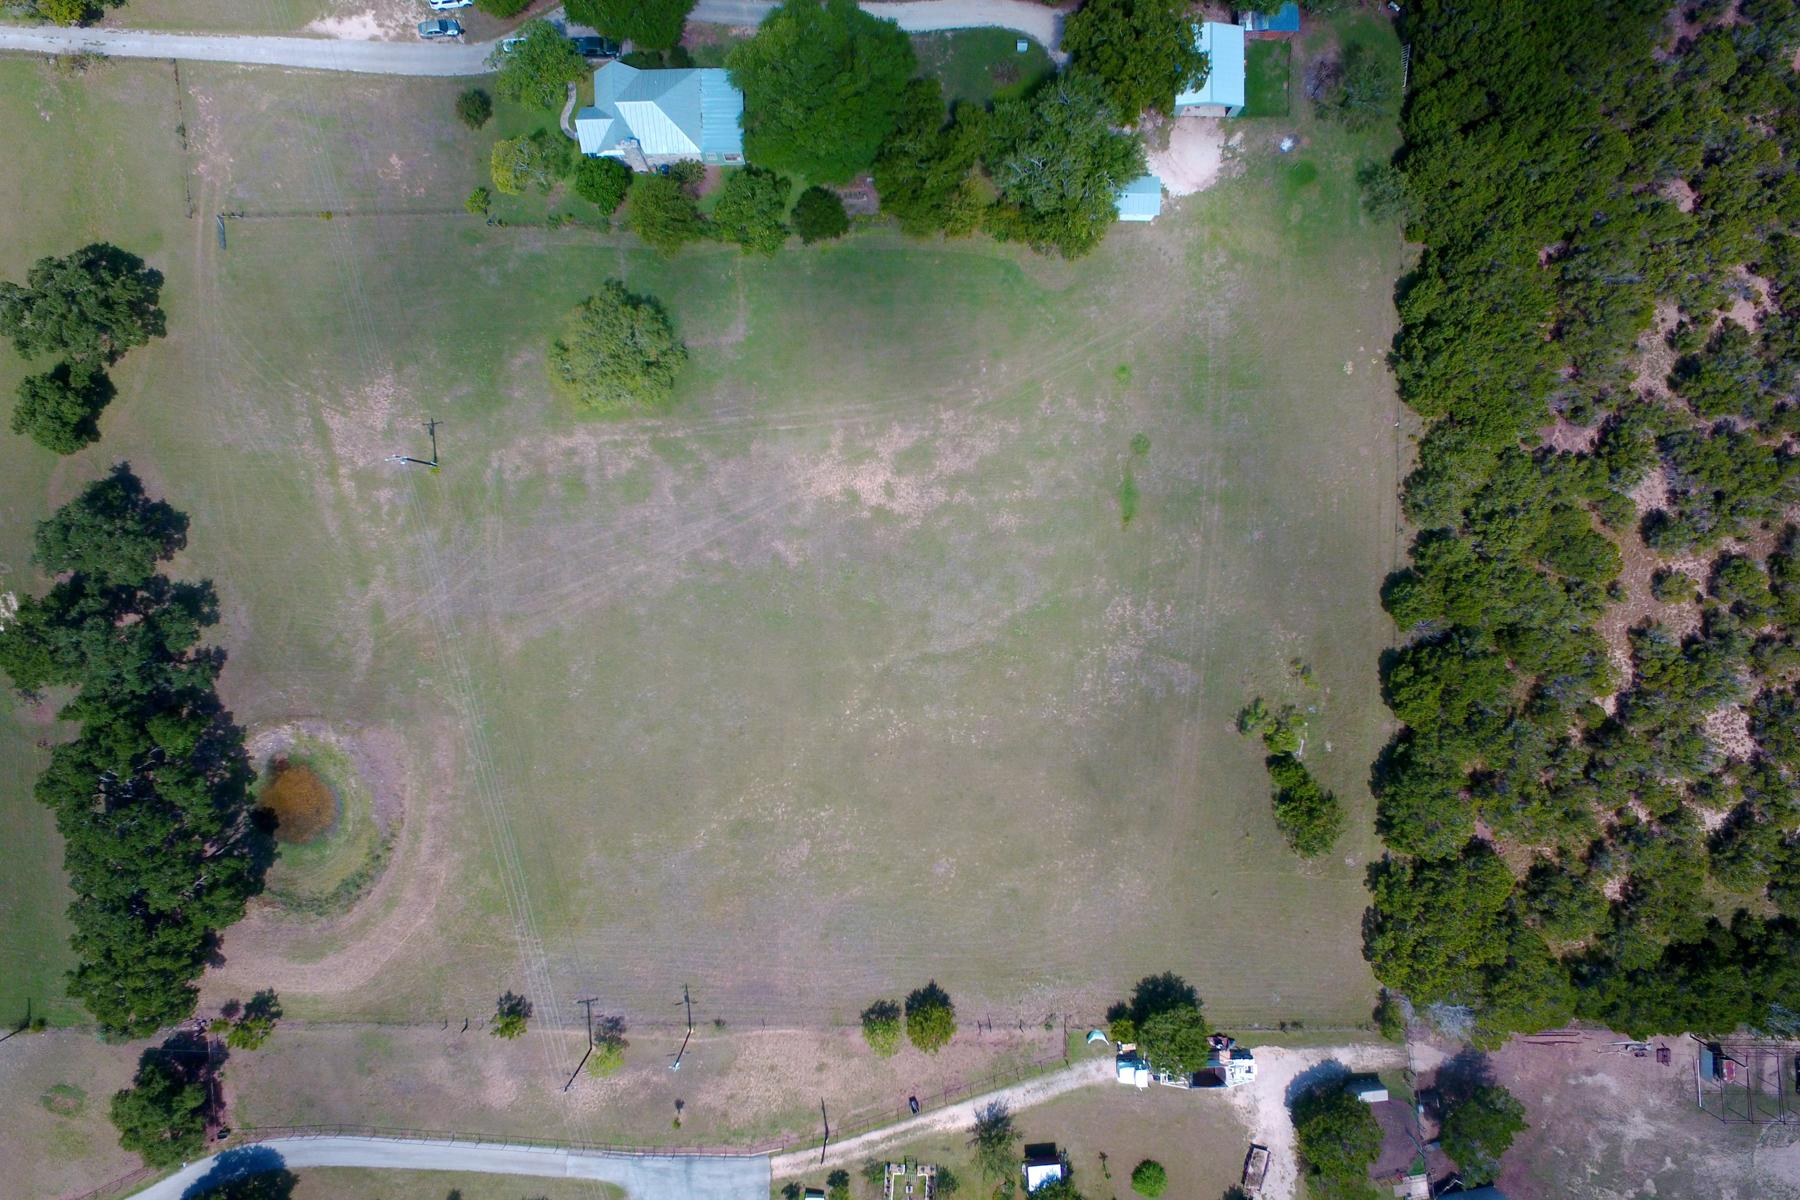 Terreno por un Venta en 3.21 Acre Lot in N. Barcroft Estates 29158 State Highway 46 W Spring Branch, Texas 78070 Estados Unidos